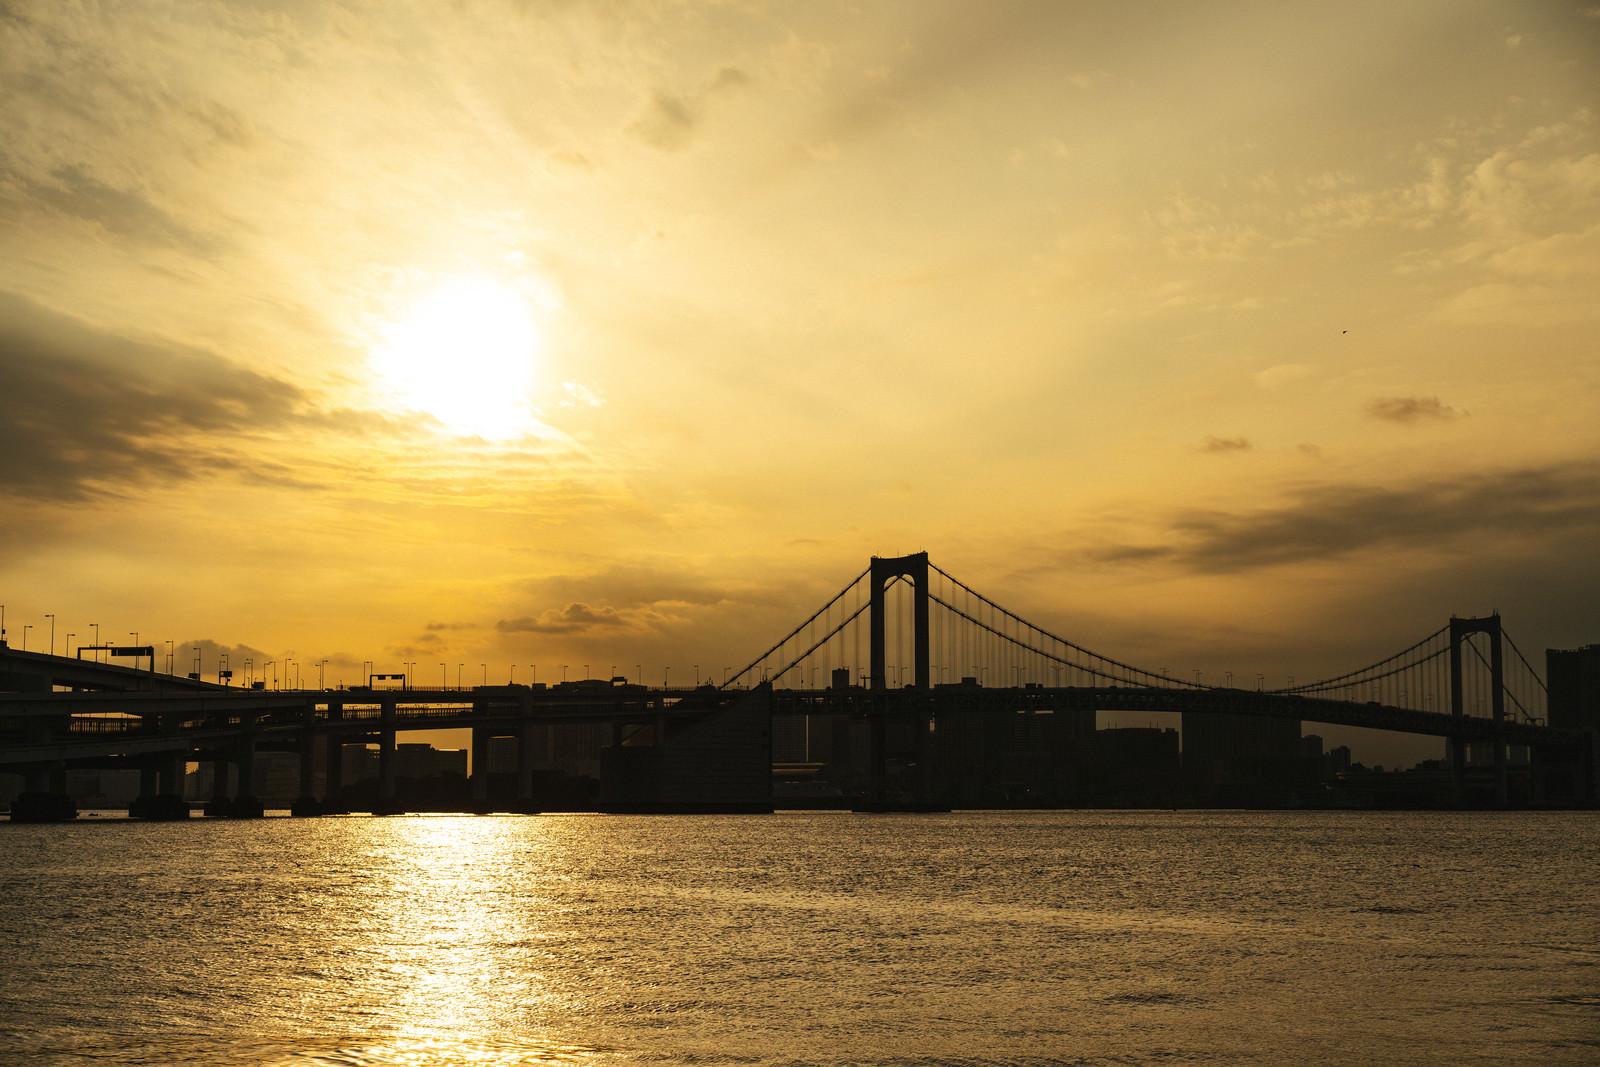 「夕日に照らされる海面と橋のシルエット | 写真の無料素材・フリー素材 - ぱくたそ」の写真